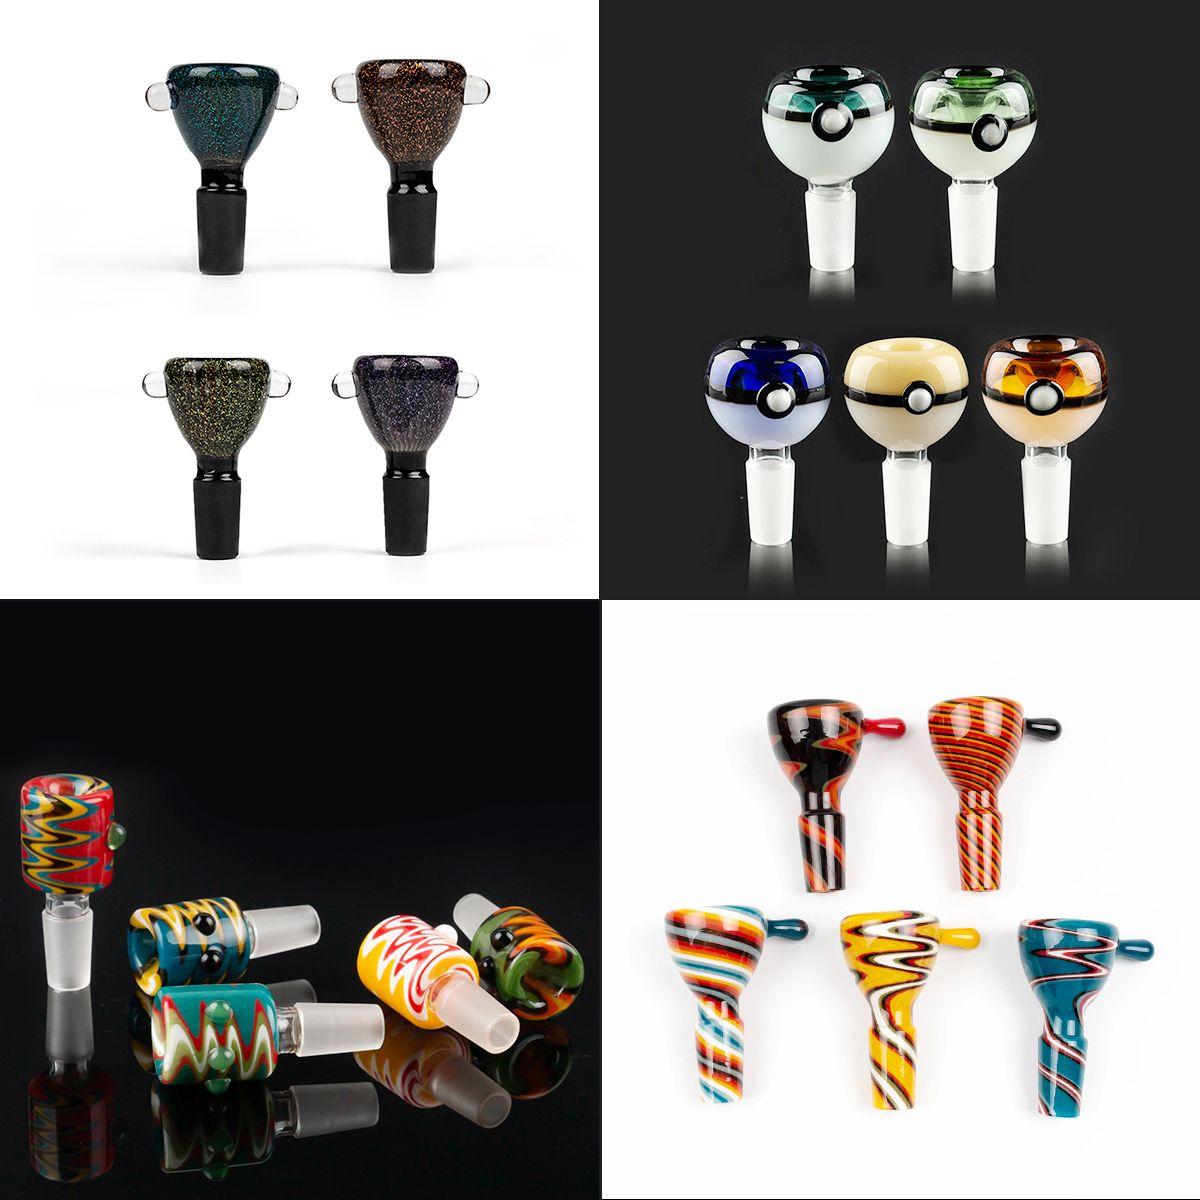 Großhandel 14mm Schüssel und 18mm männliche Glasschüssel mit Blume Schneeflocke Filterschalen für Glas Wasser Bongs Bongs Rauchen Schüsseln